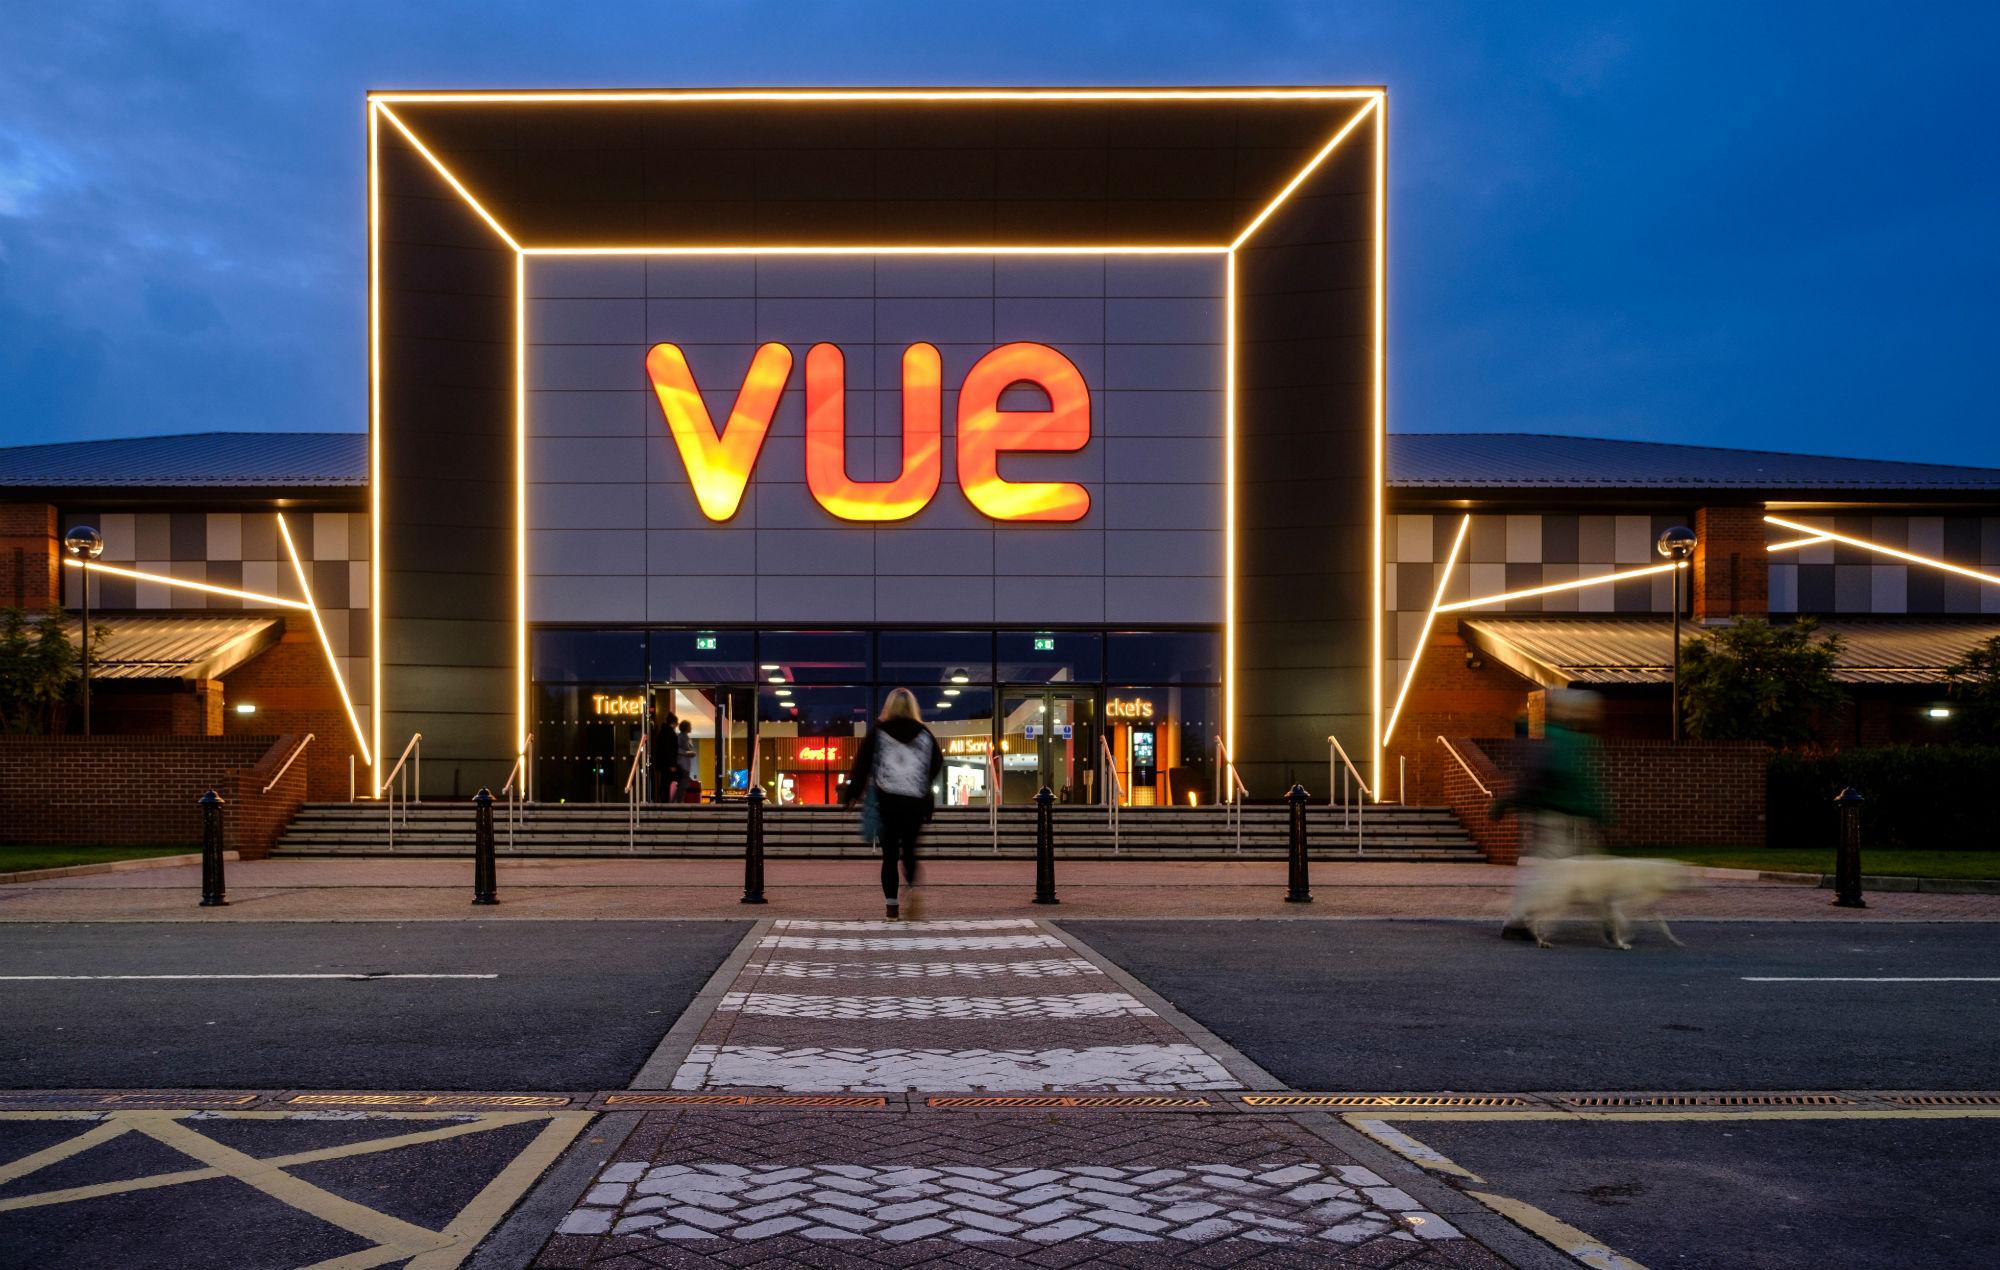 When will cinemas reopen in the UK? 2